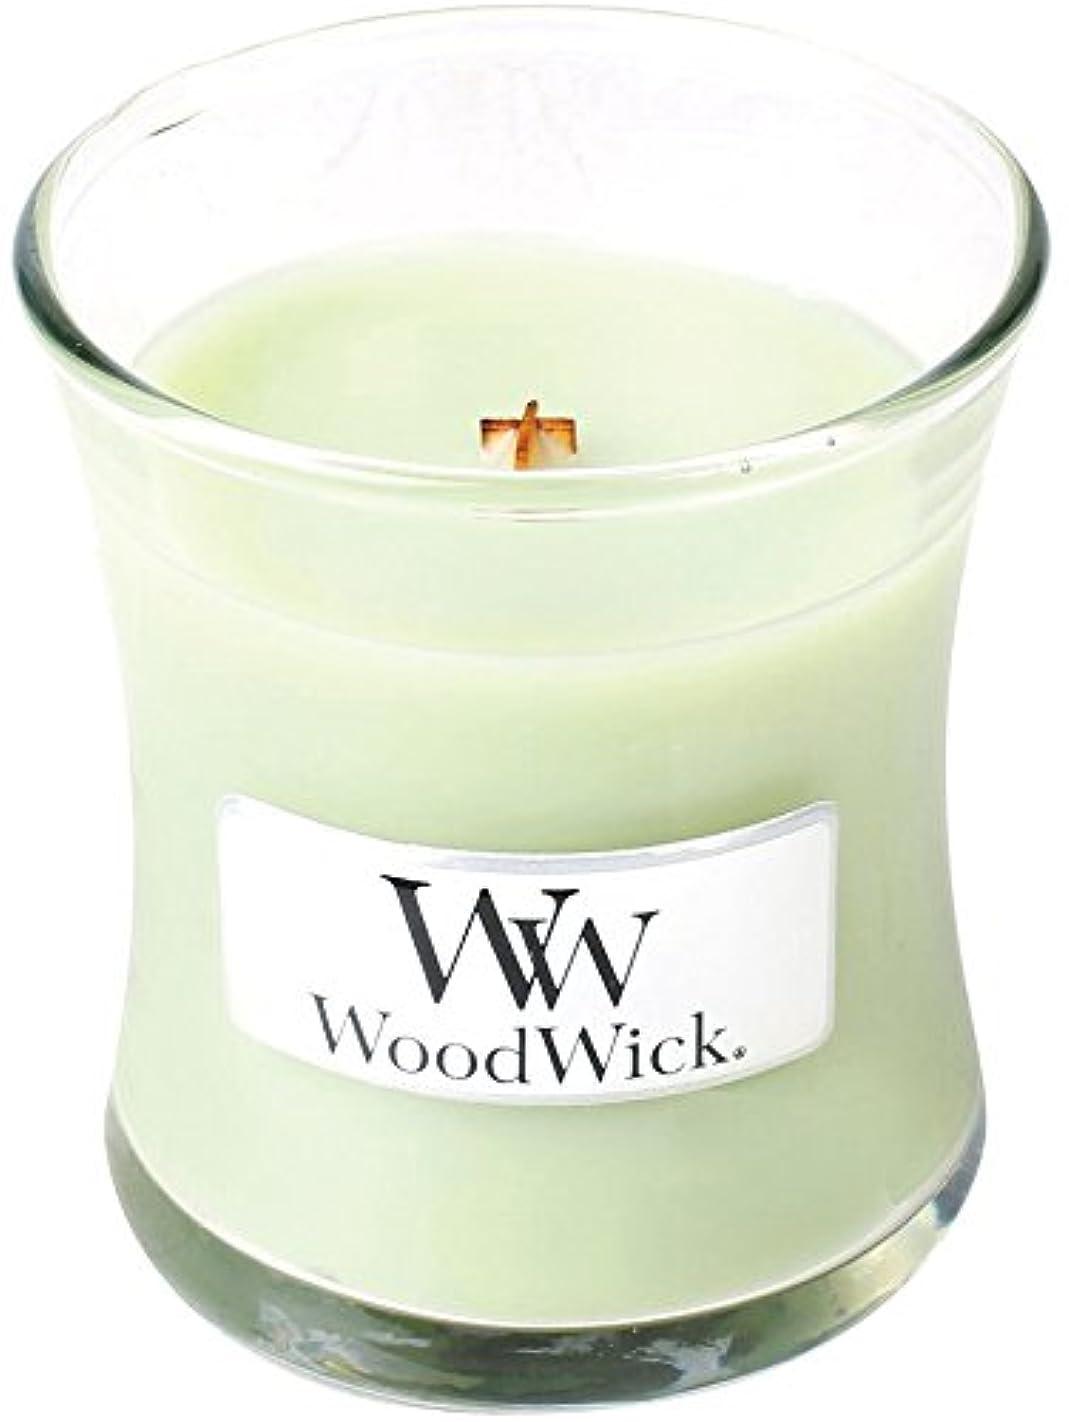 因子豆腐マーベルWood Wick ウッドウィック ジャーキャンドルSサイズ ライムジェラー